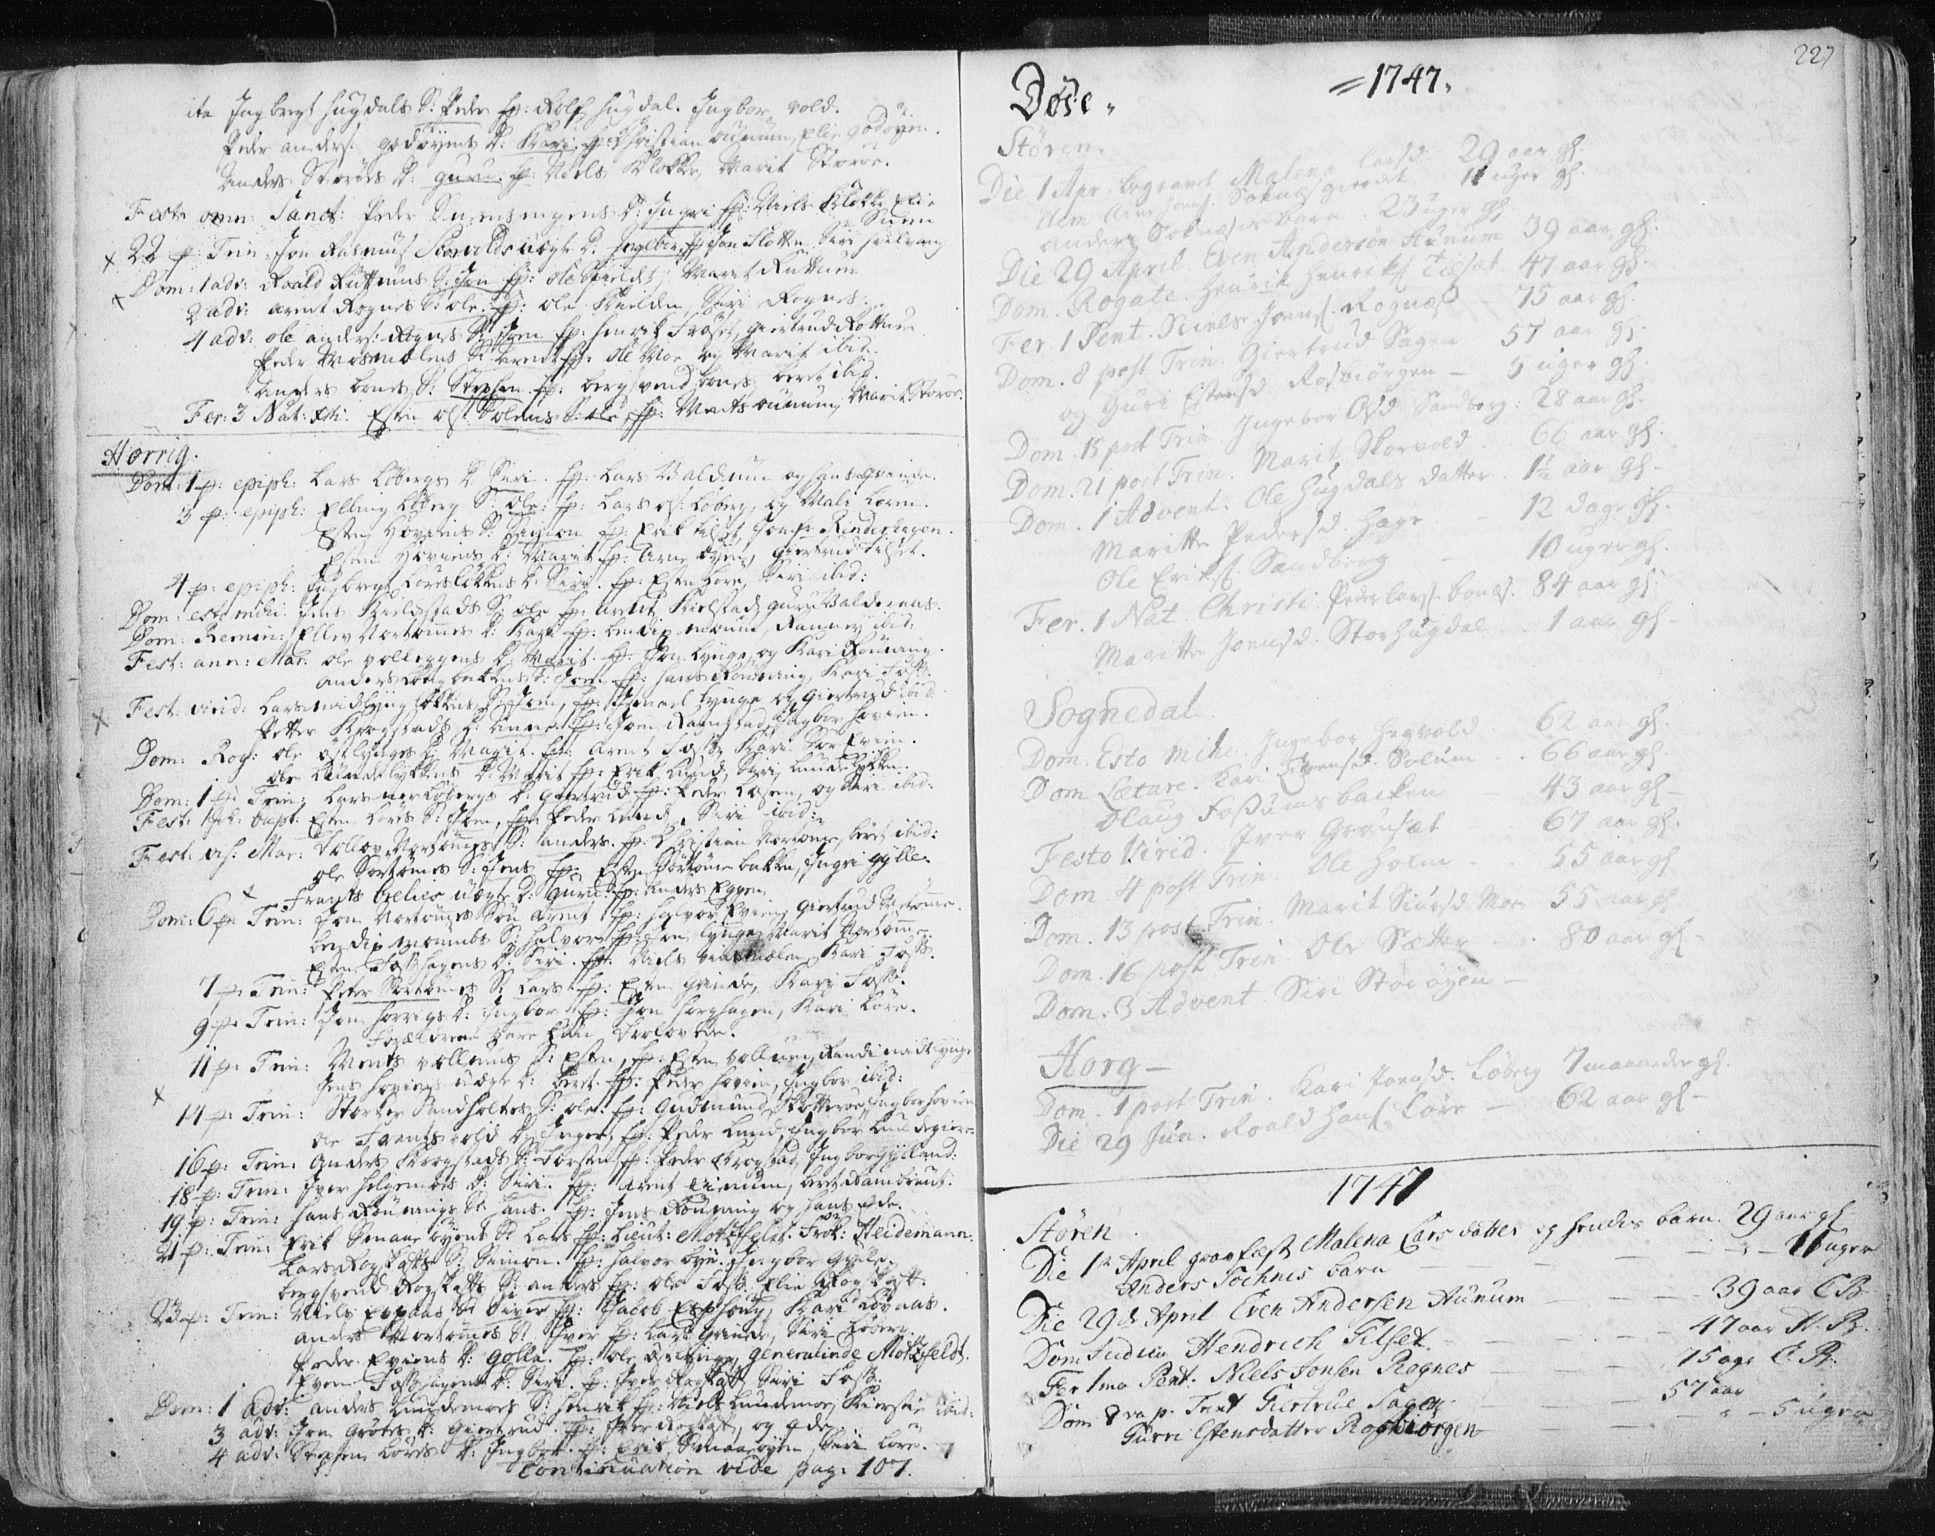 SAT, Ministerialprotokoller, klokkerbøker og fødselsregistre - Sør-Trøndelag, 687/L0991: Ministerialbok nr. 687A02, 1747-1790, s. 227